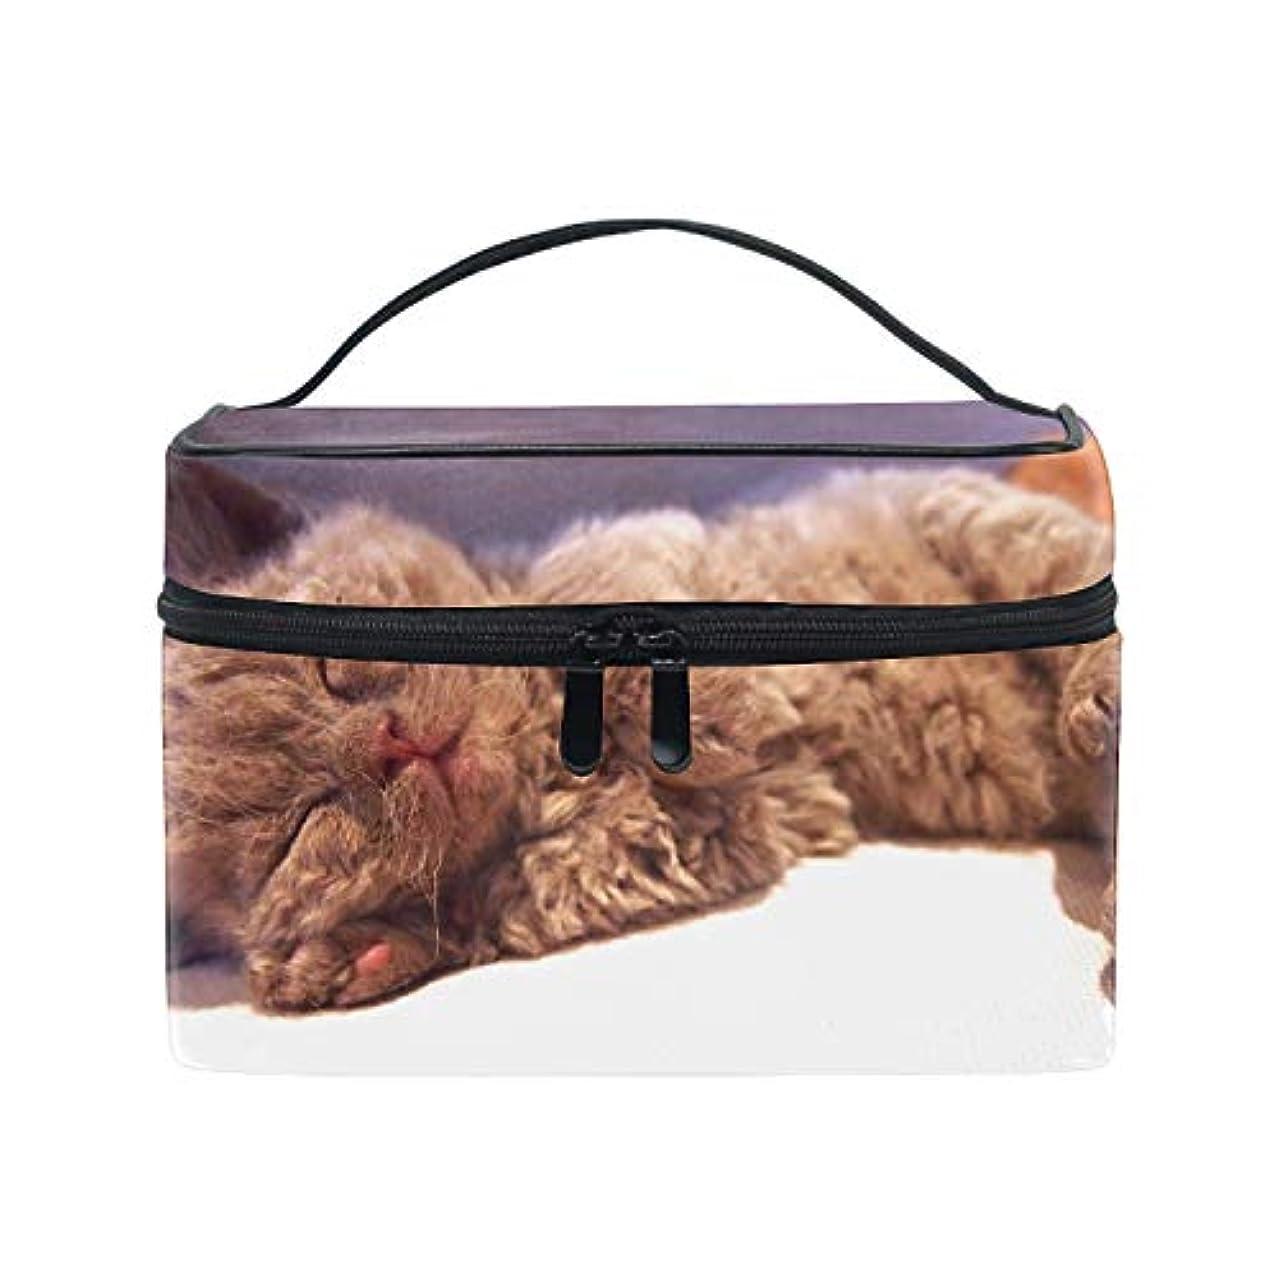 雄弁なデッキ霊セルカークレックス子猫眠る猫化粧道具 小物入れ おしゃれ 高級感 大容量 收納抜群 かわいい プレゼント